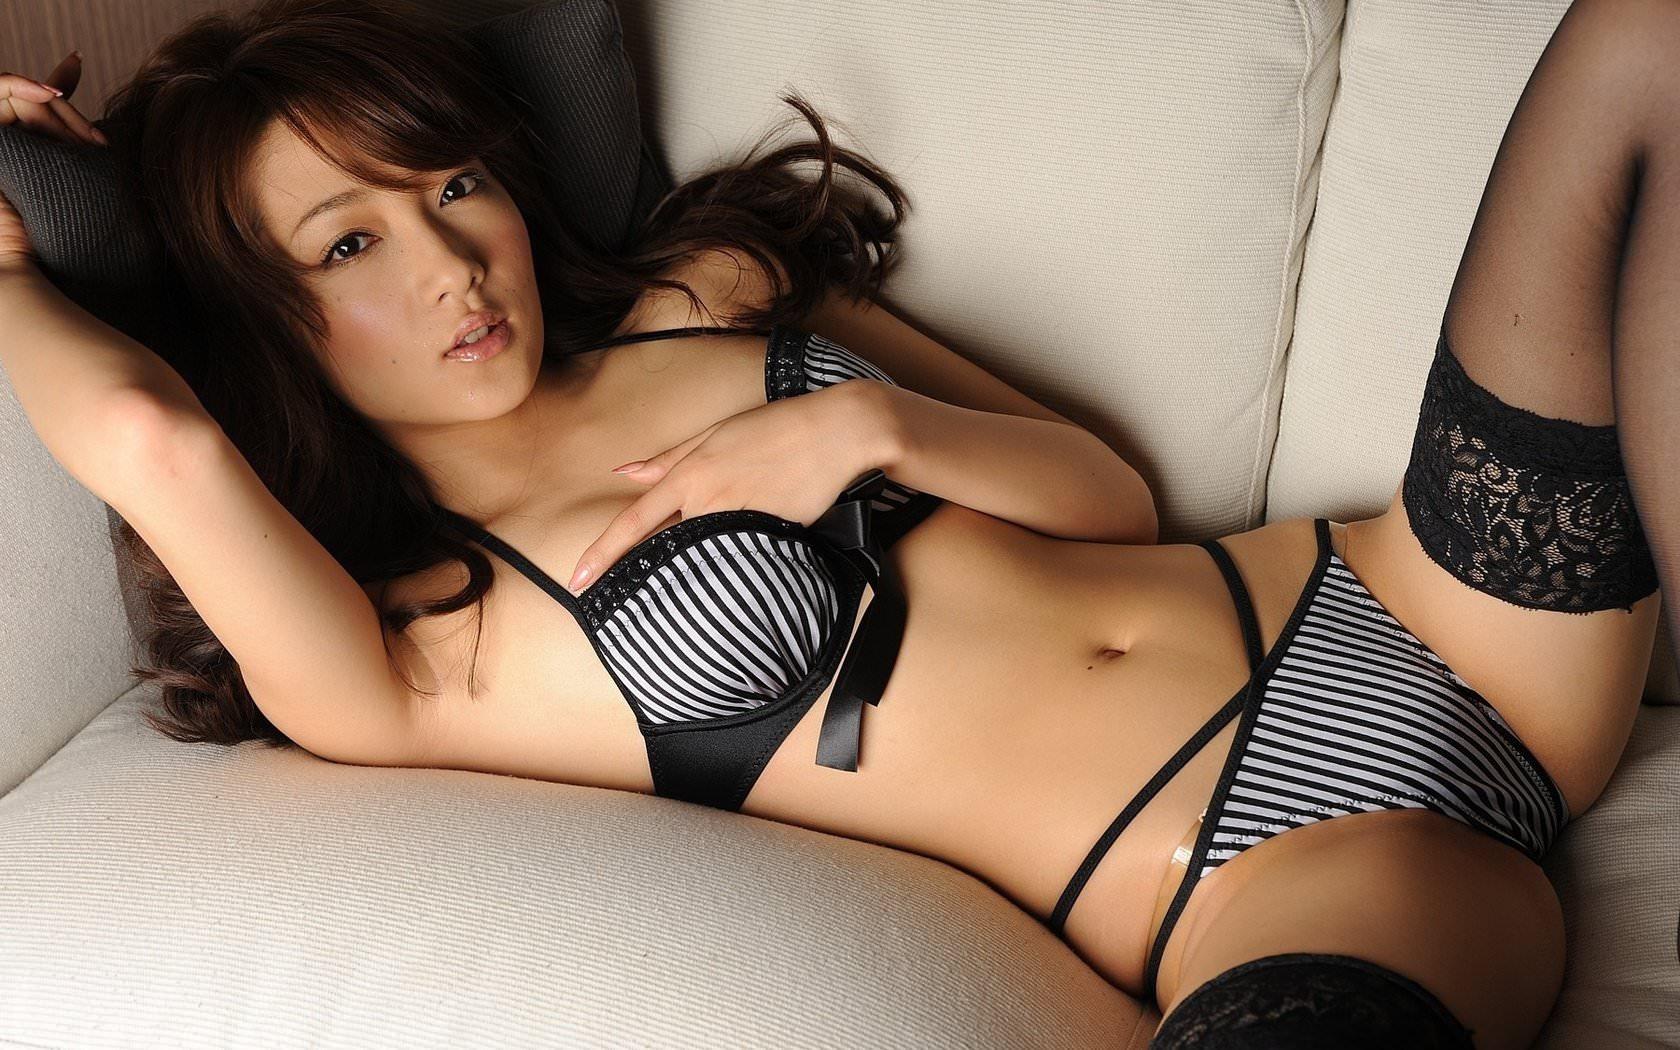 сексуальные фото японок в лифчиках и трусиках